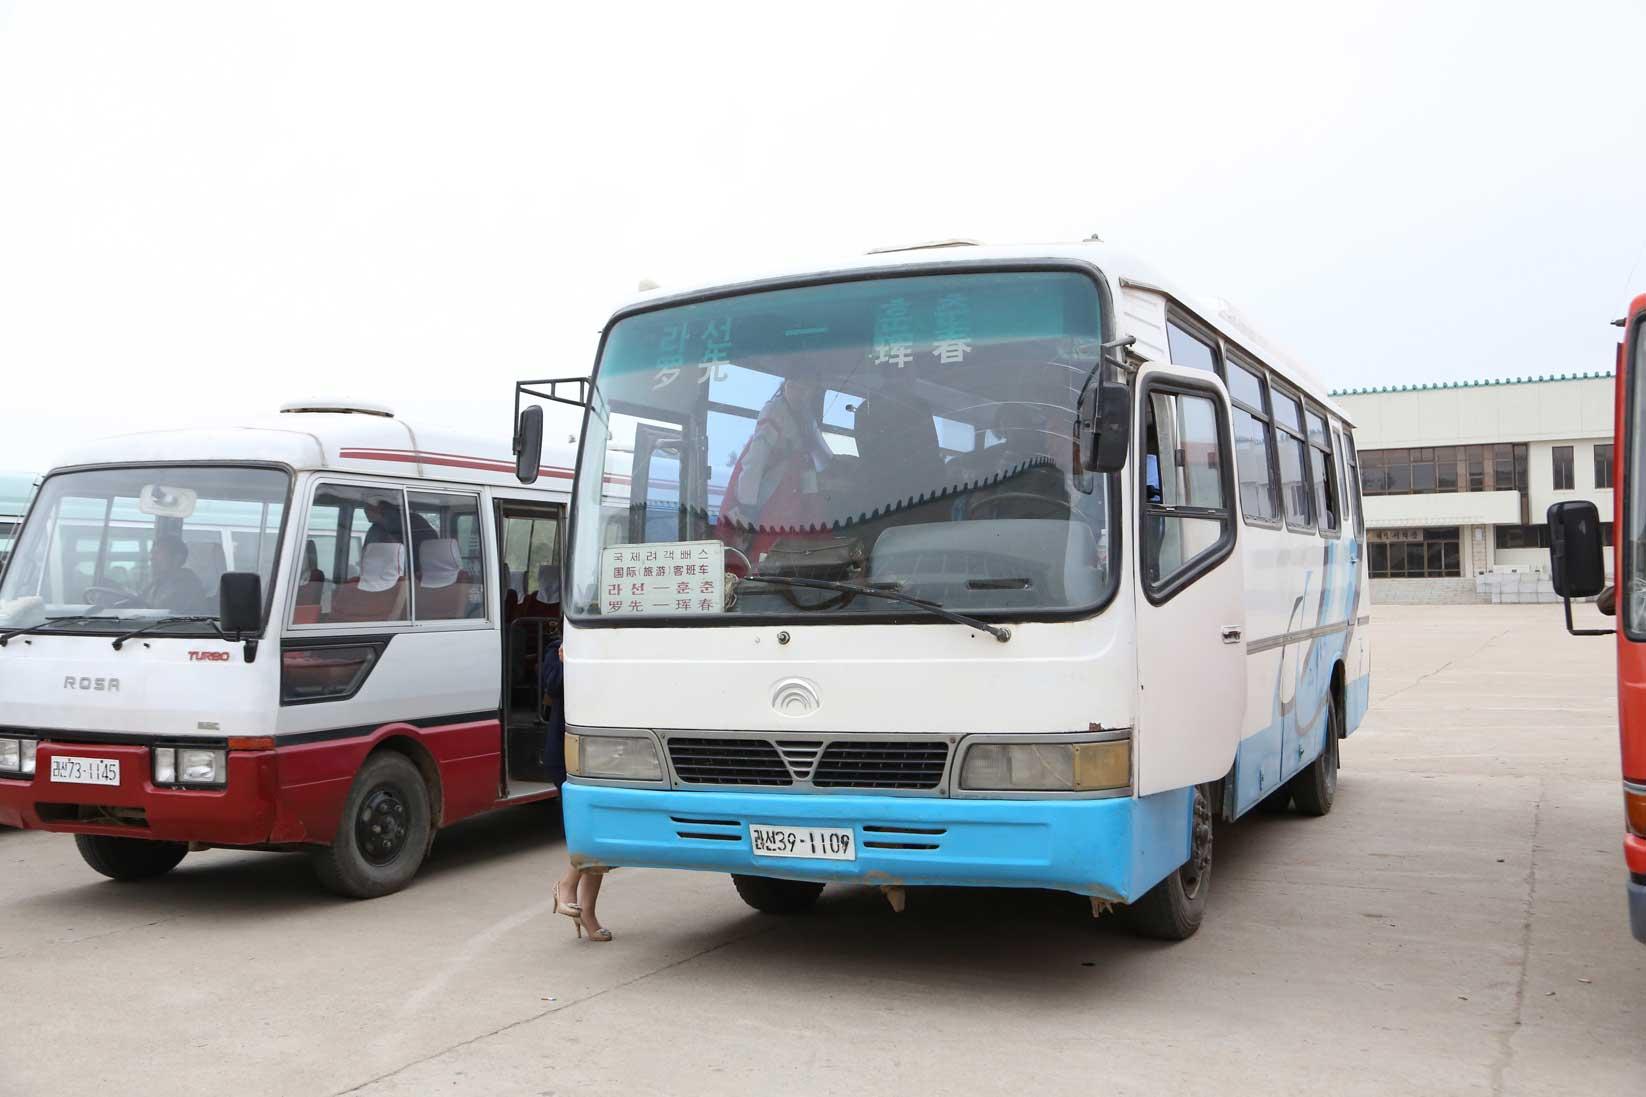 羅先(北朝鮮)で見かけた中国人観光客たち_b0235153_16202868.jpg